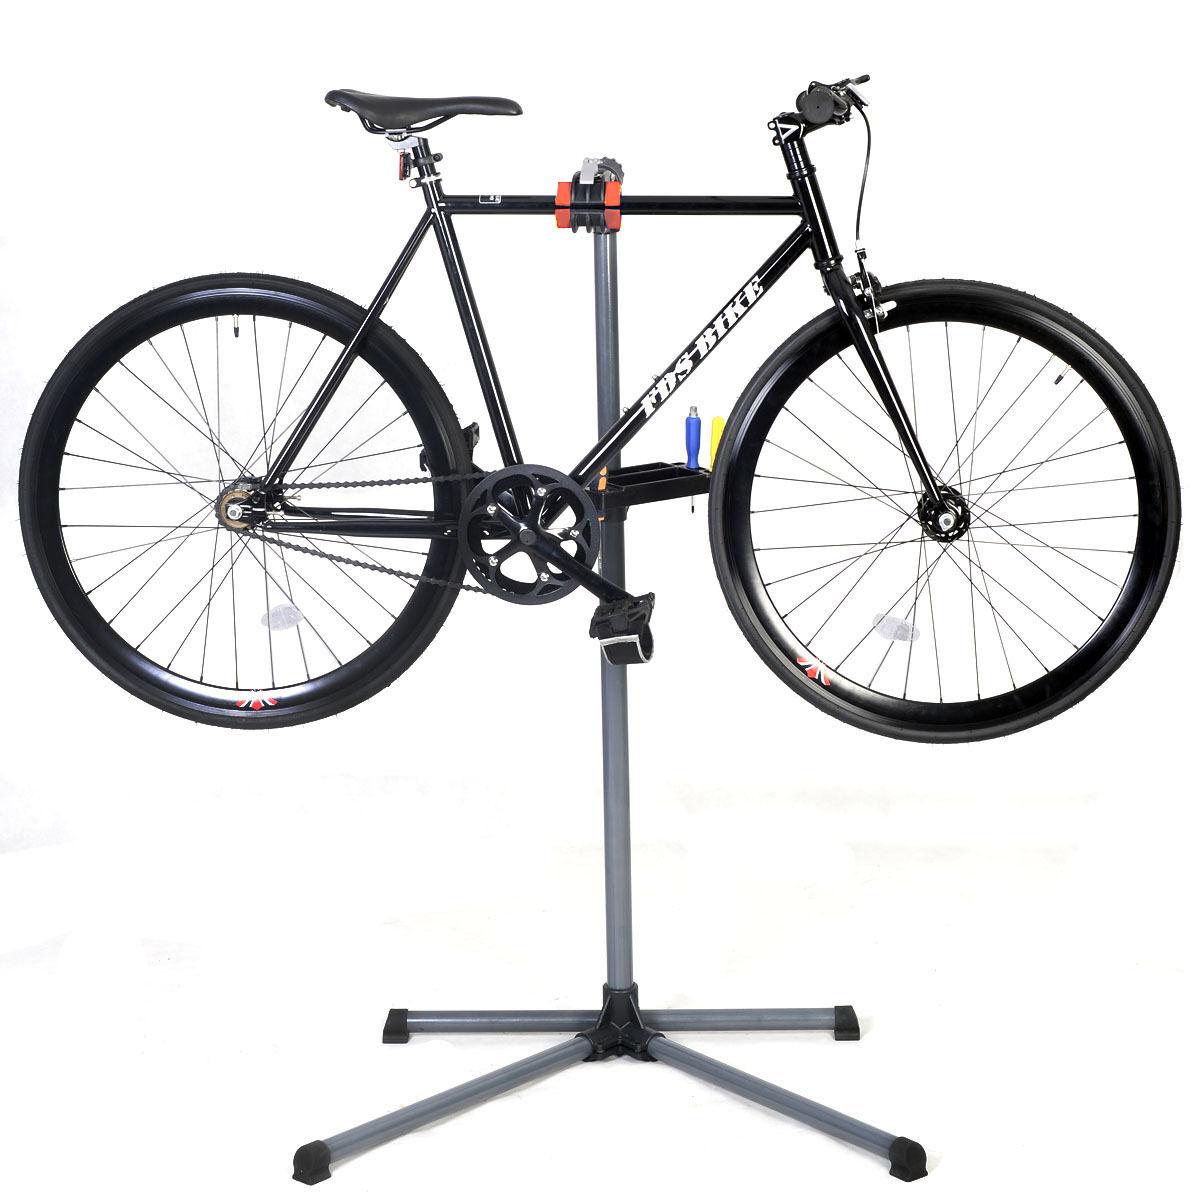 fahrrad montagest nder test vergleich fahrrad montagest nder g nstig kaufen. Black Bedroom Furniture Sets. Home Design Ideas